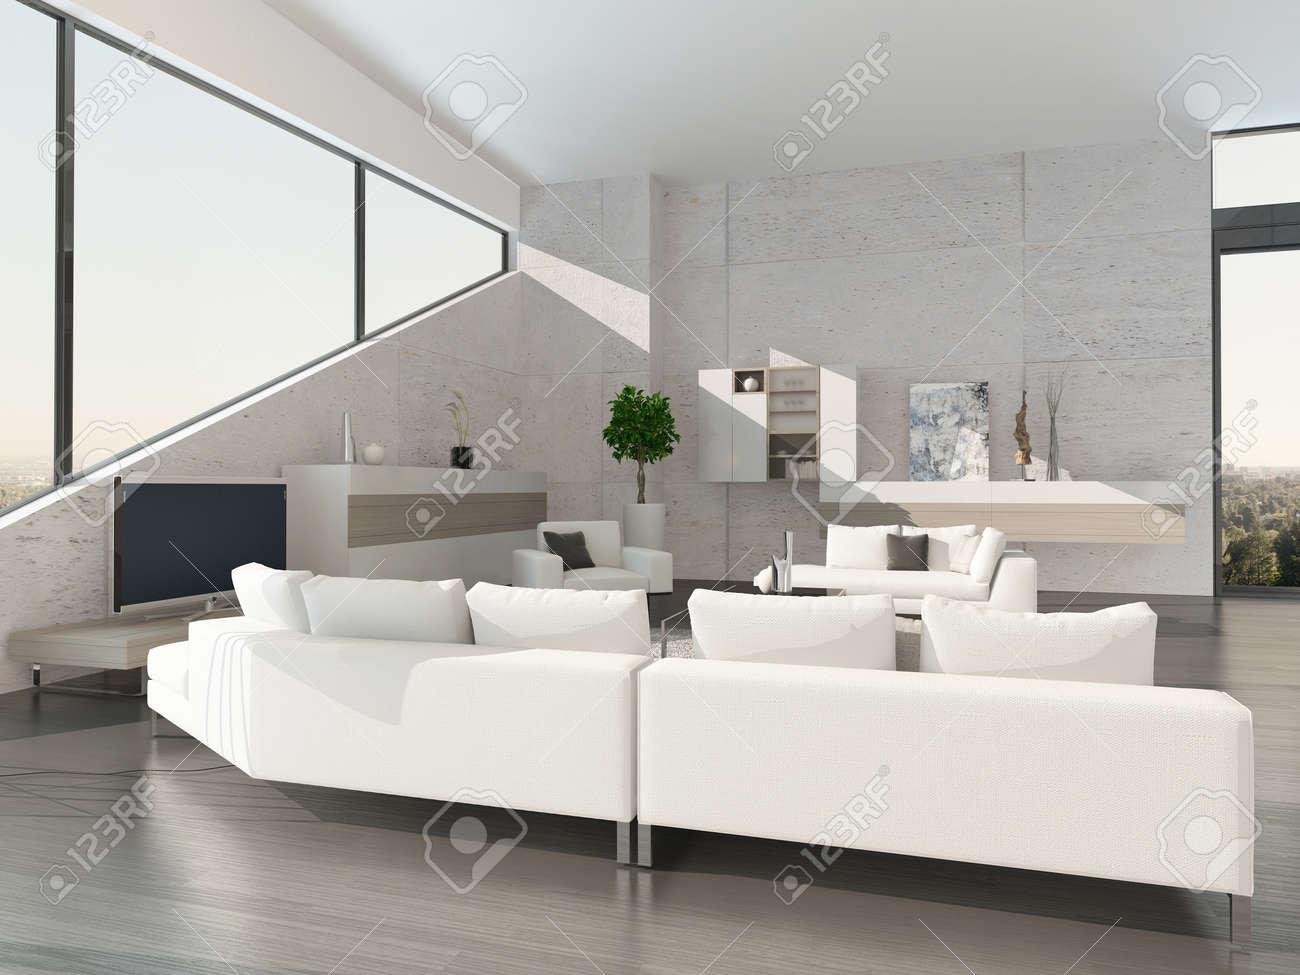 Un Très Bel Intérieur De Salon Moderne Avec Canapé Et Des Chaises ...